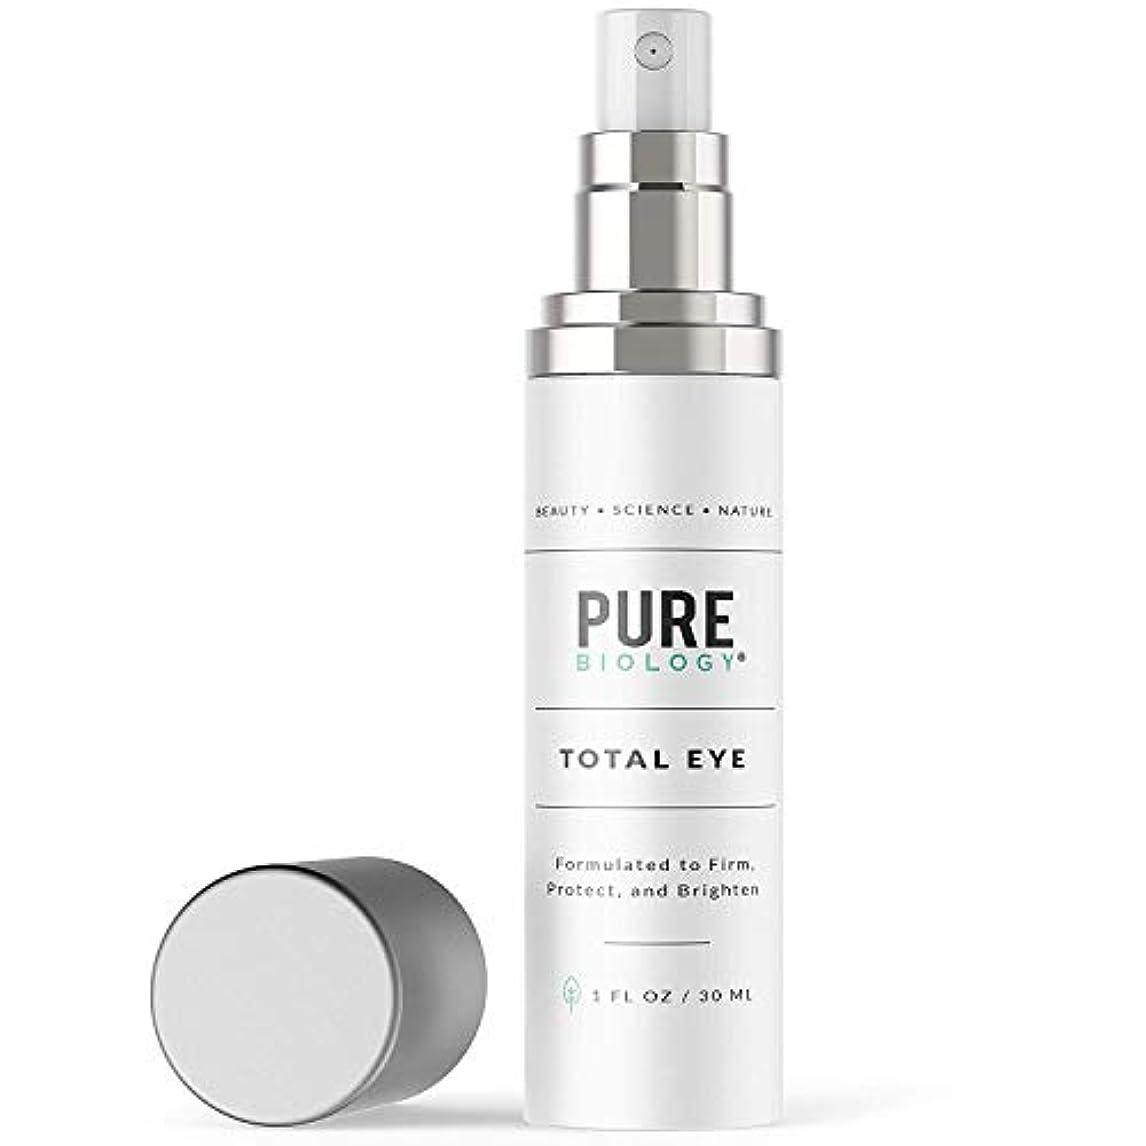 罹患率知り合い案件[Pure Biology] [アイクリームTotal Eye Cream with Vitamin C + E, Hyaluronic Acid & Anti Aging Complexes to Reduce Dark...